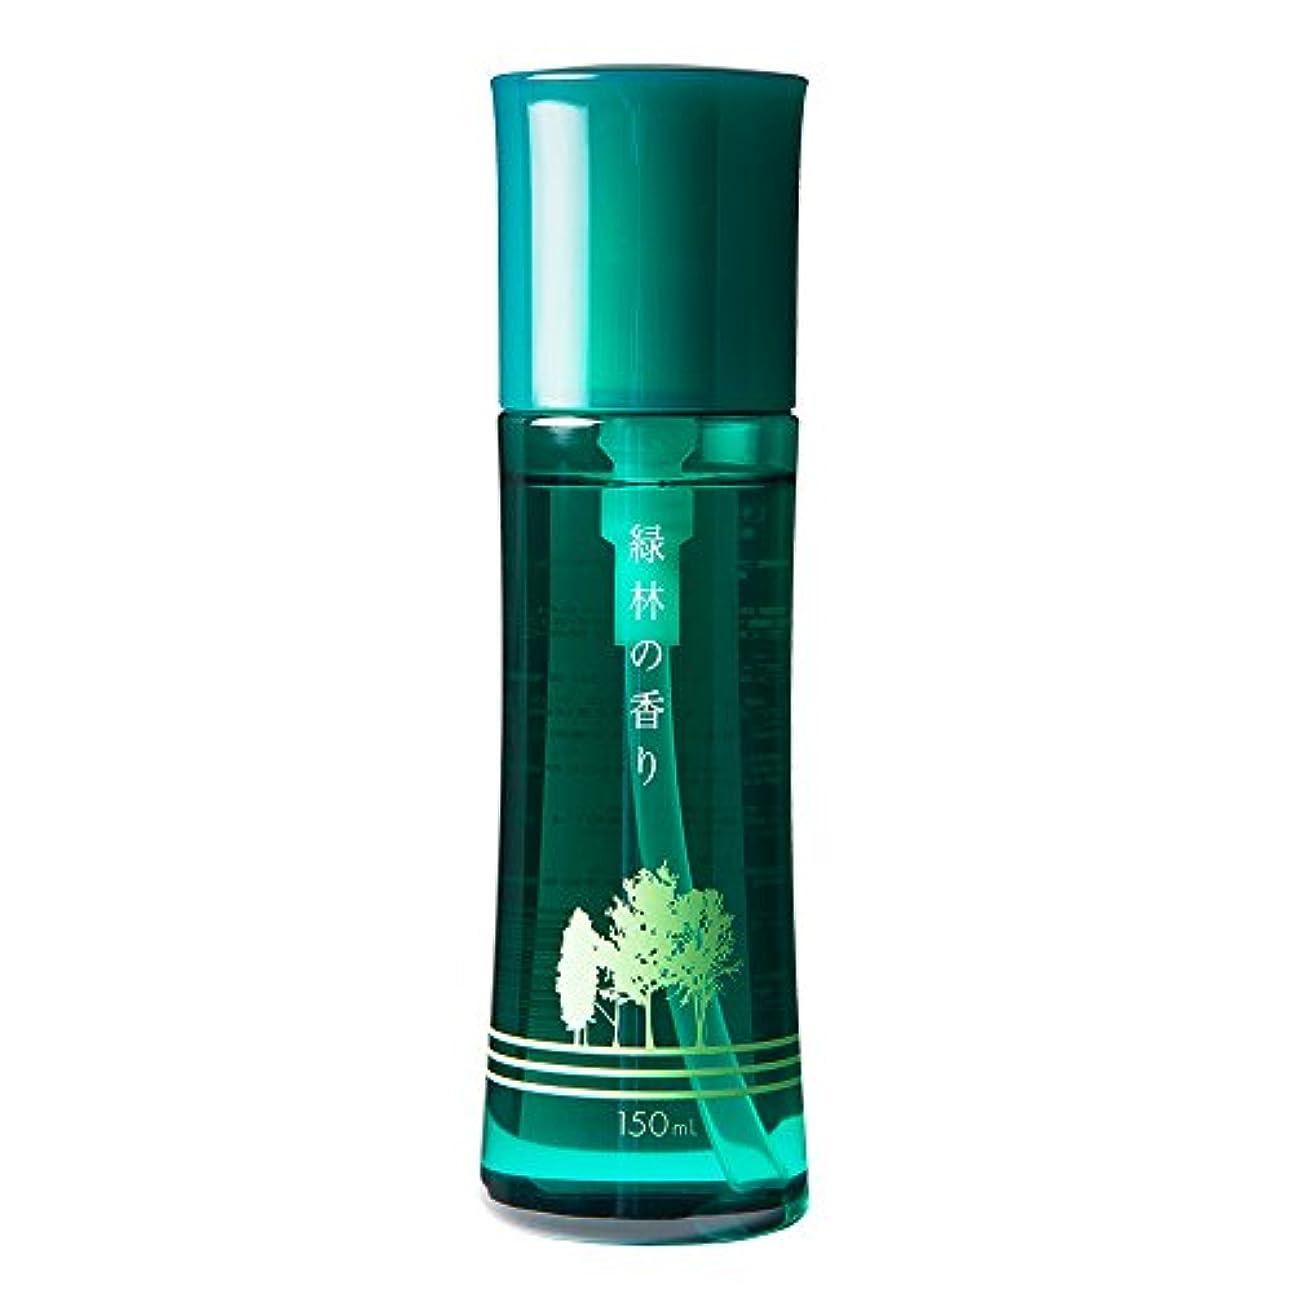 眩惑する慎重王女芳香剤「緑林の香り(みどりの香り)」150mL 日本予防医薬